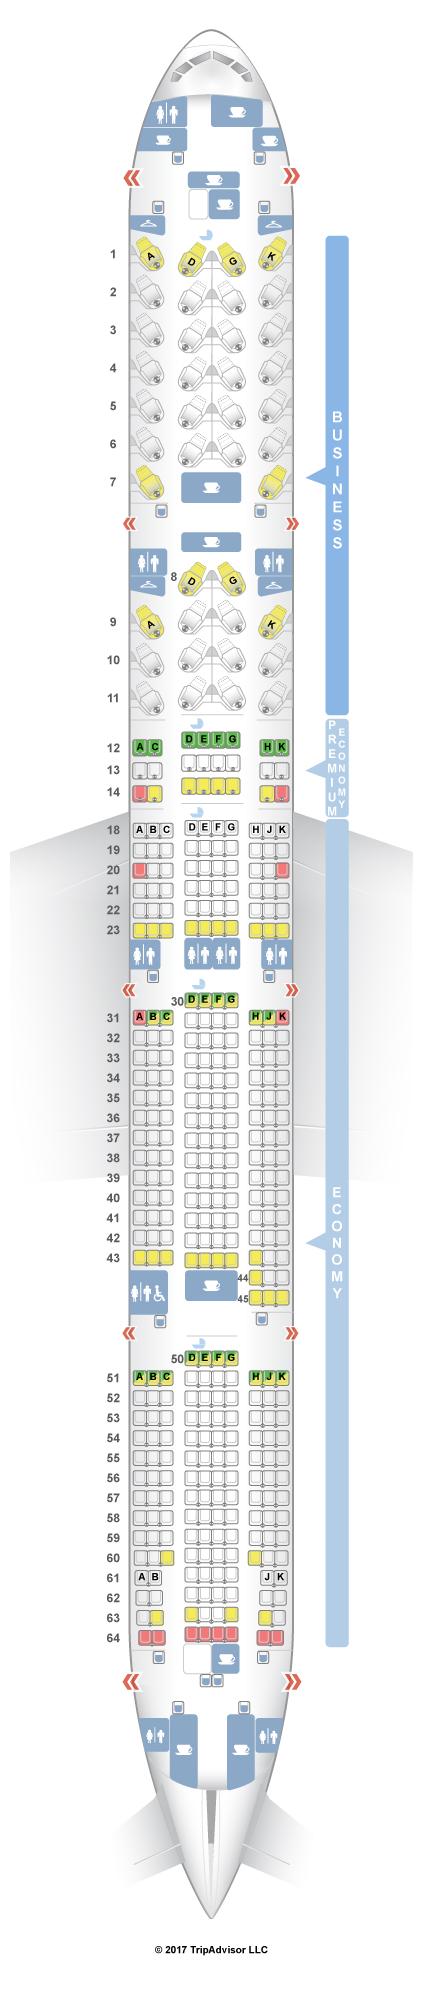 Bulkhead Seat Airplane Delta 767 300 Domestic Comfort Plus